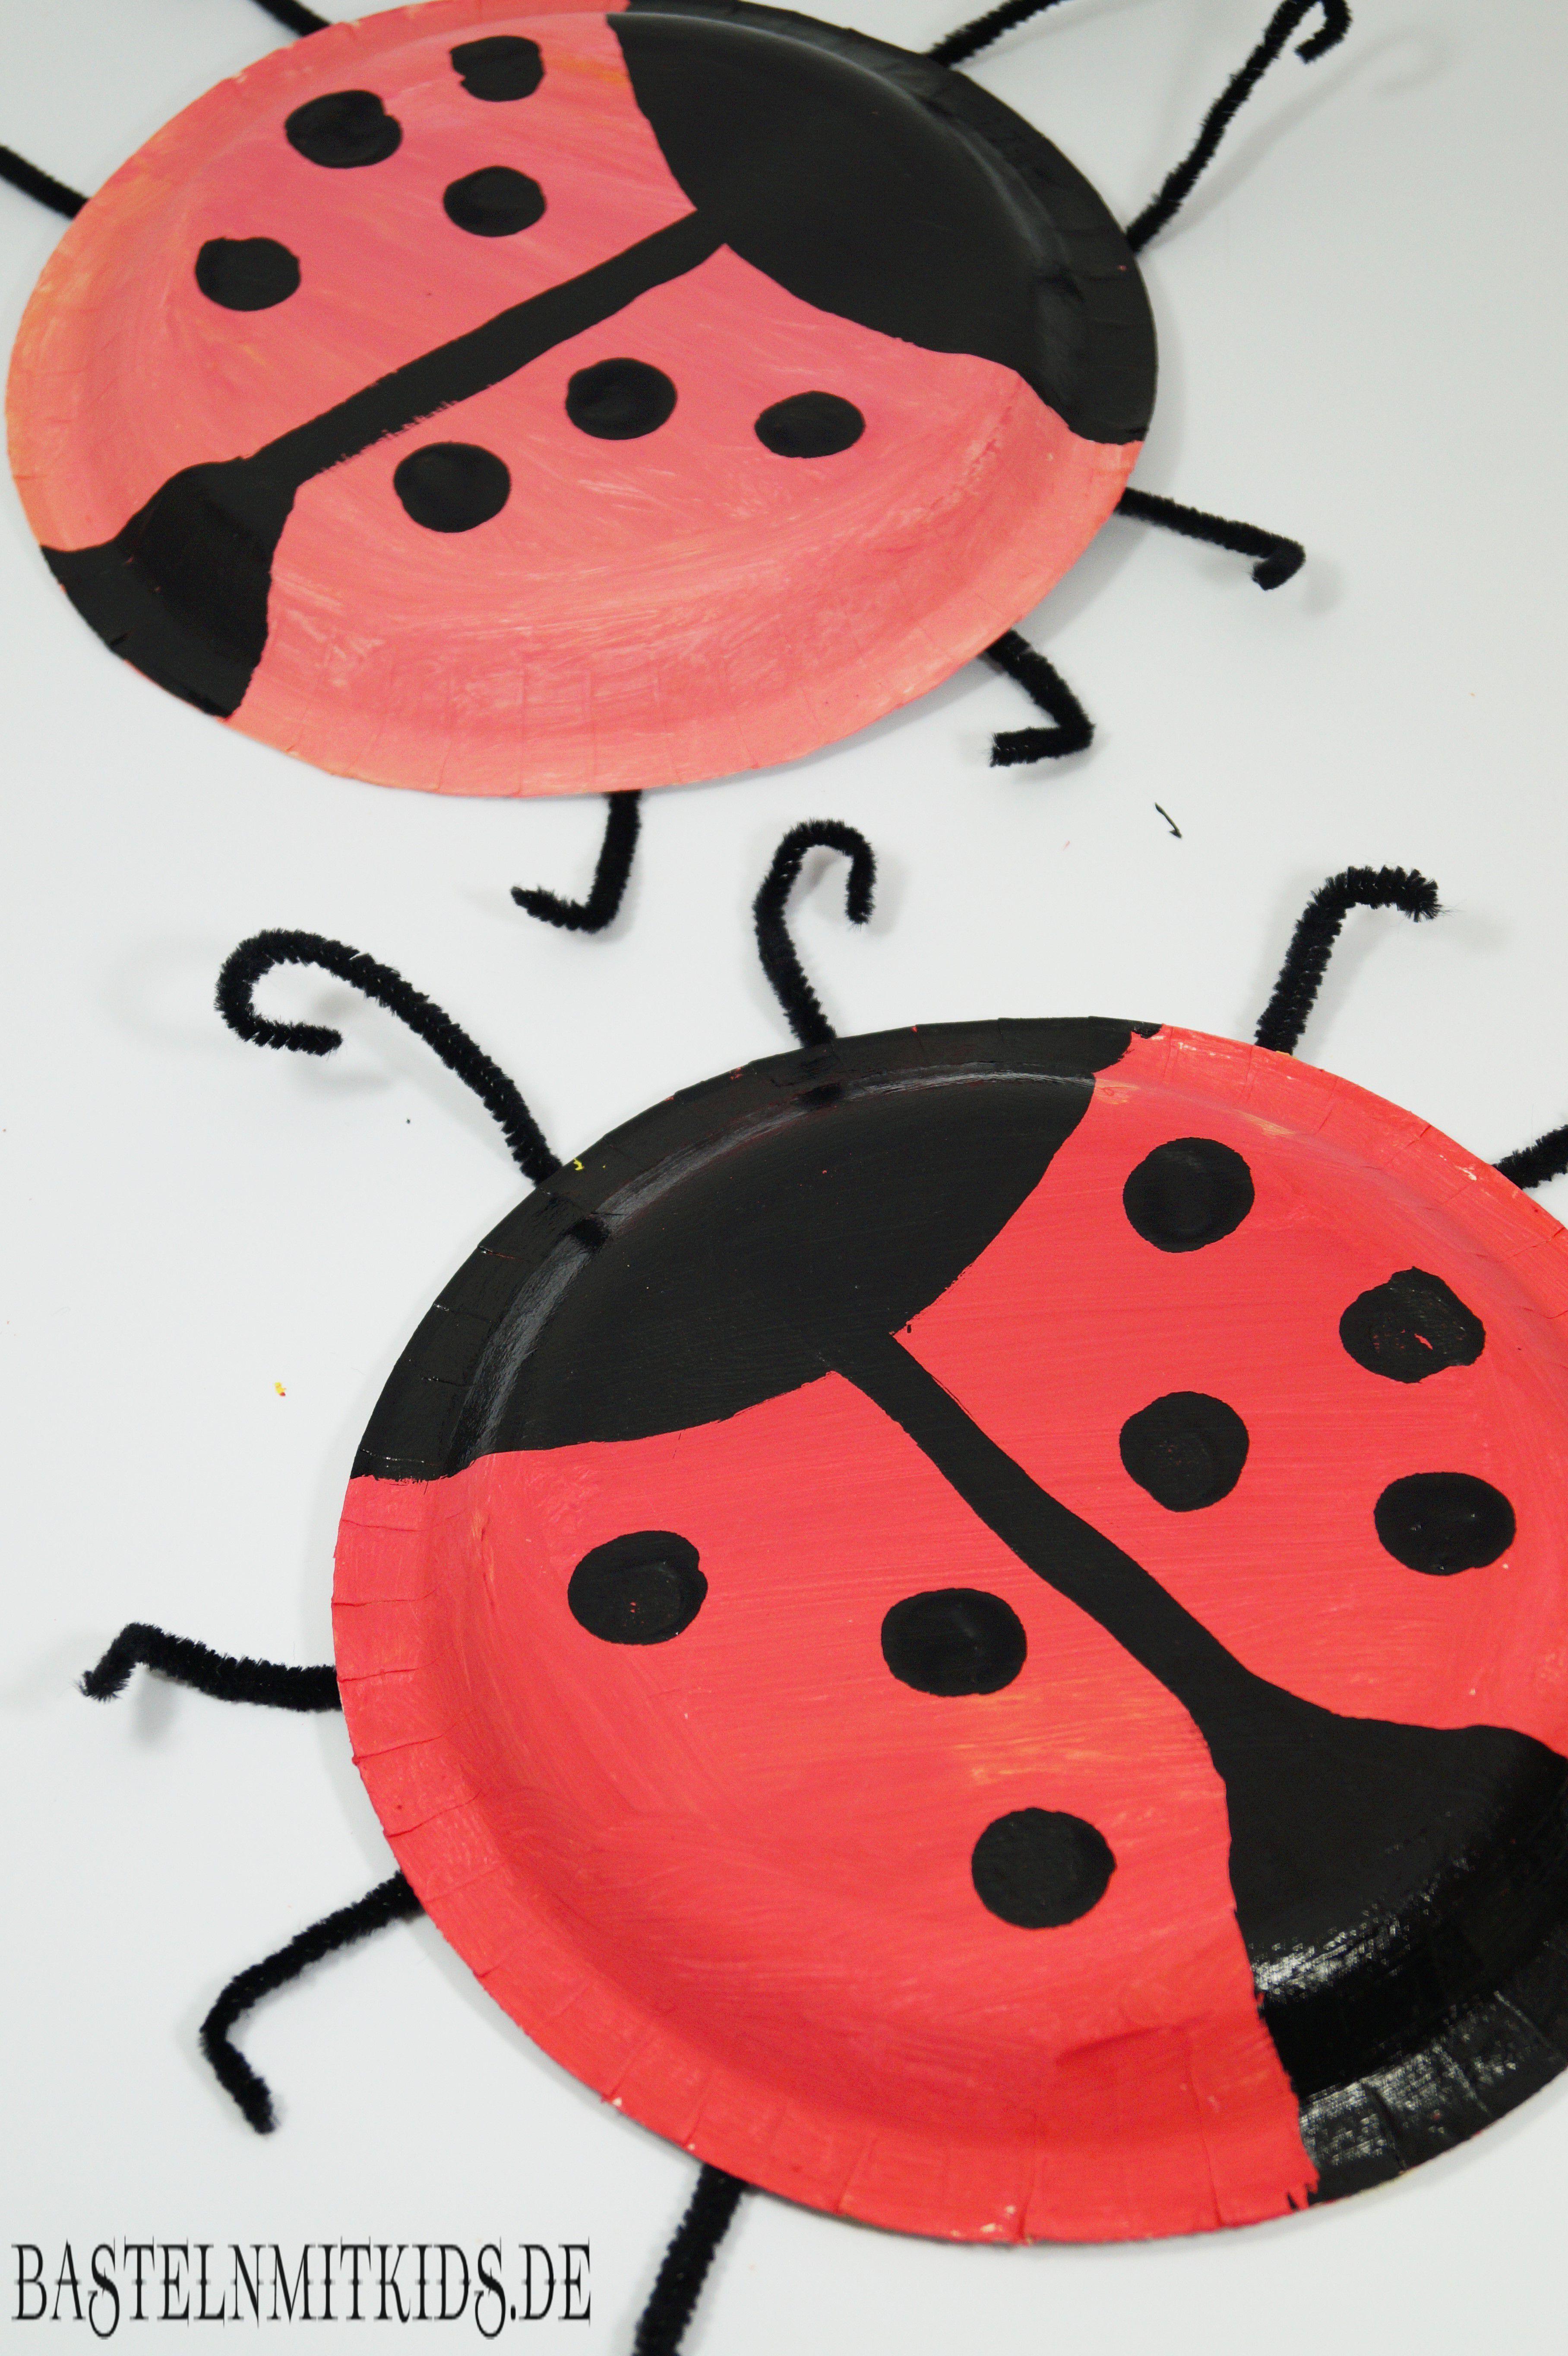 Marienkäfer malen und basteln - Bastelnmitkids